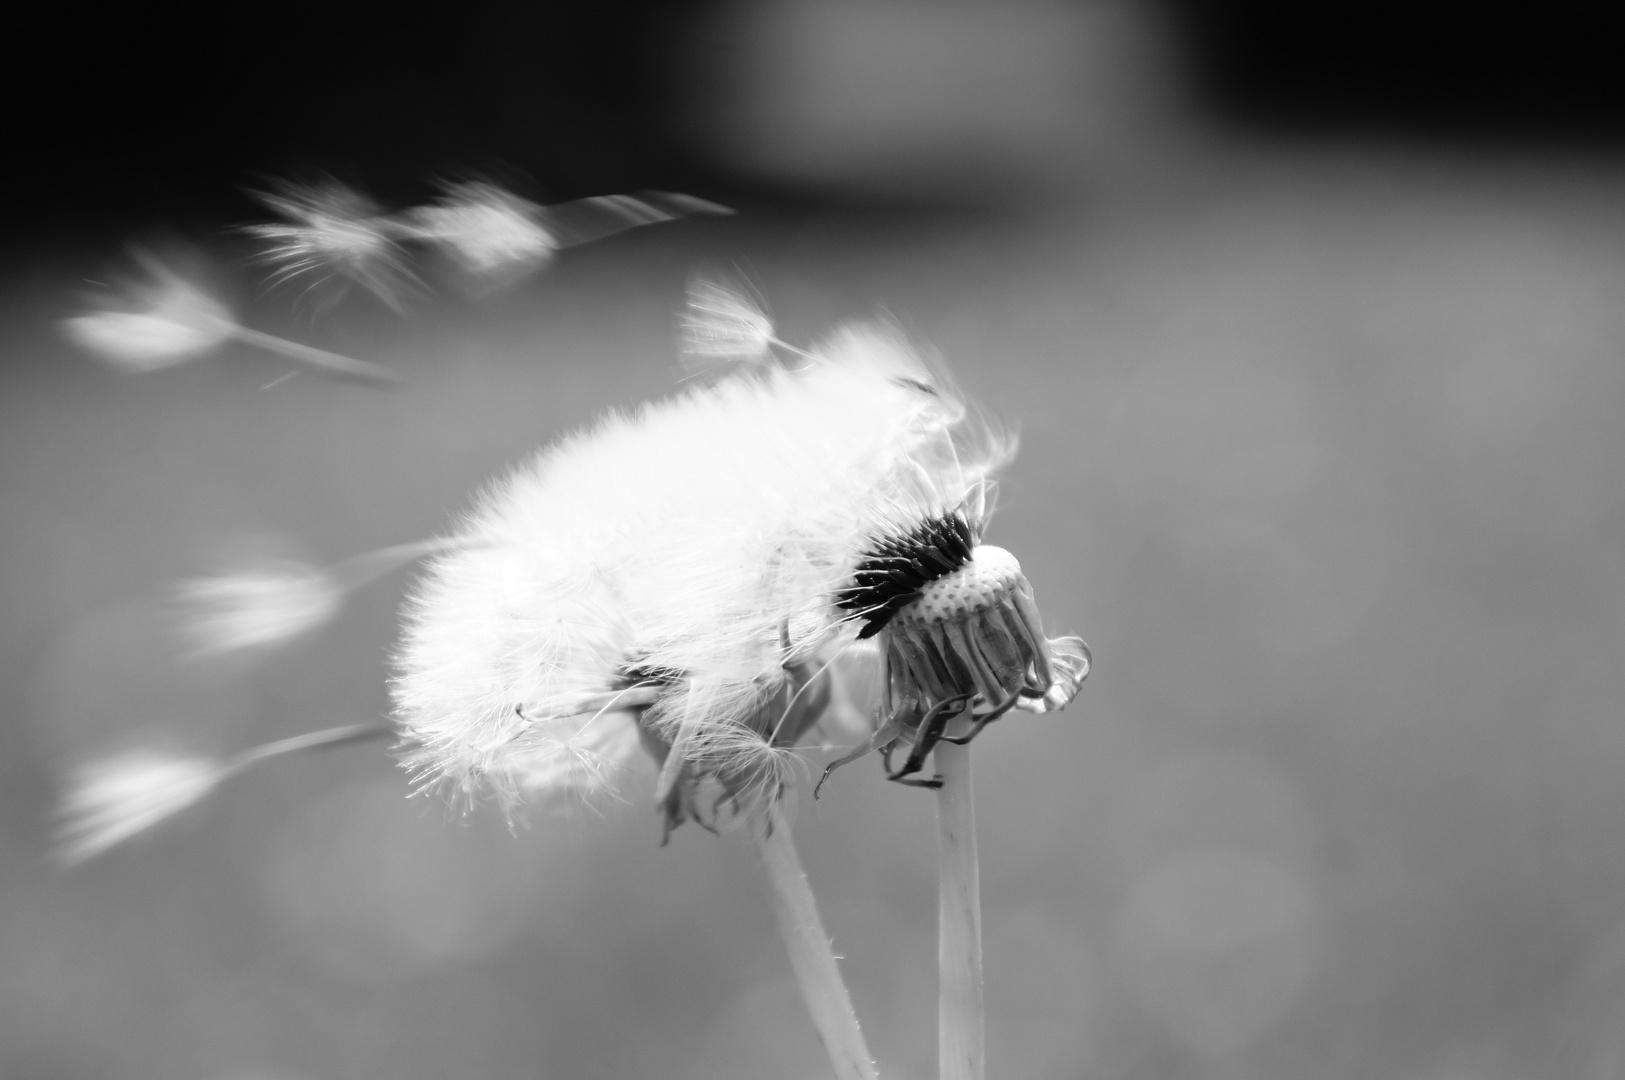 Der Wind, der Wind ...